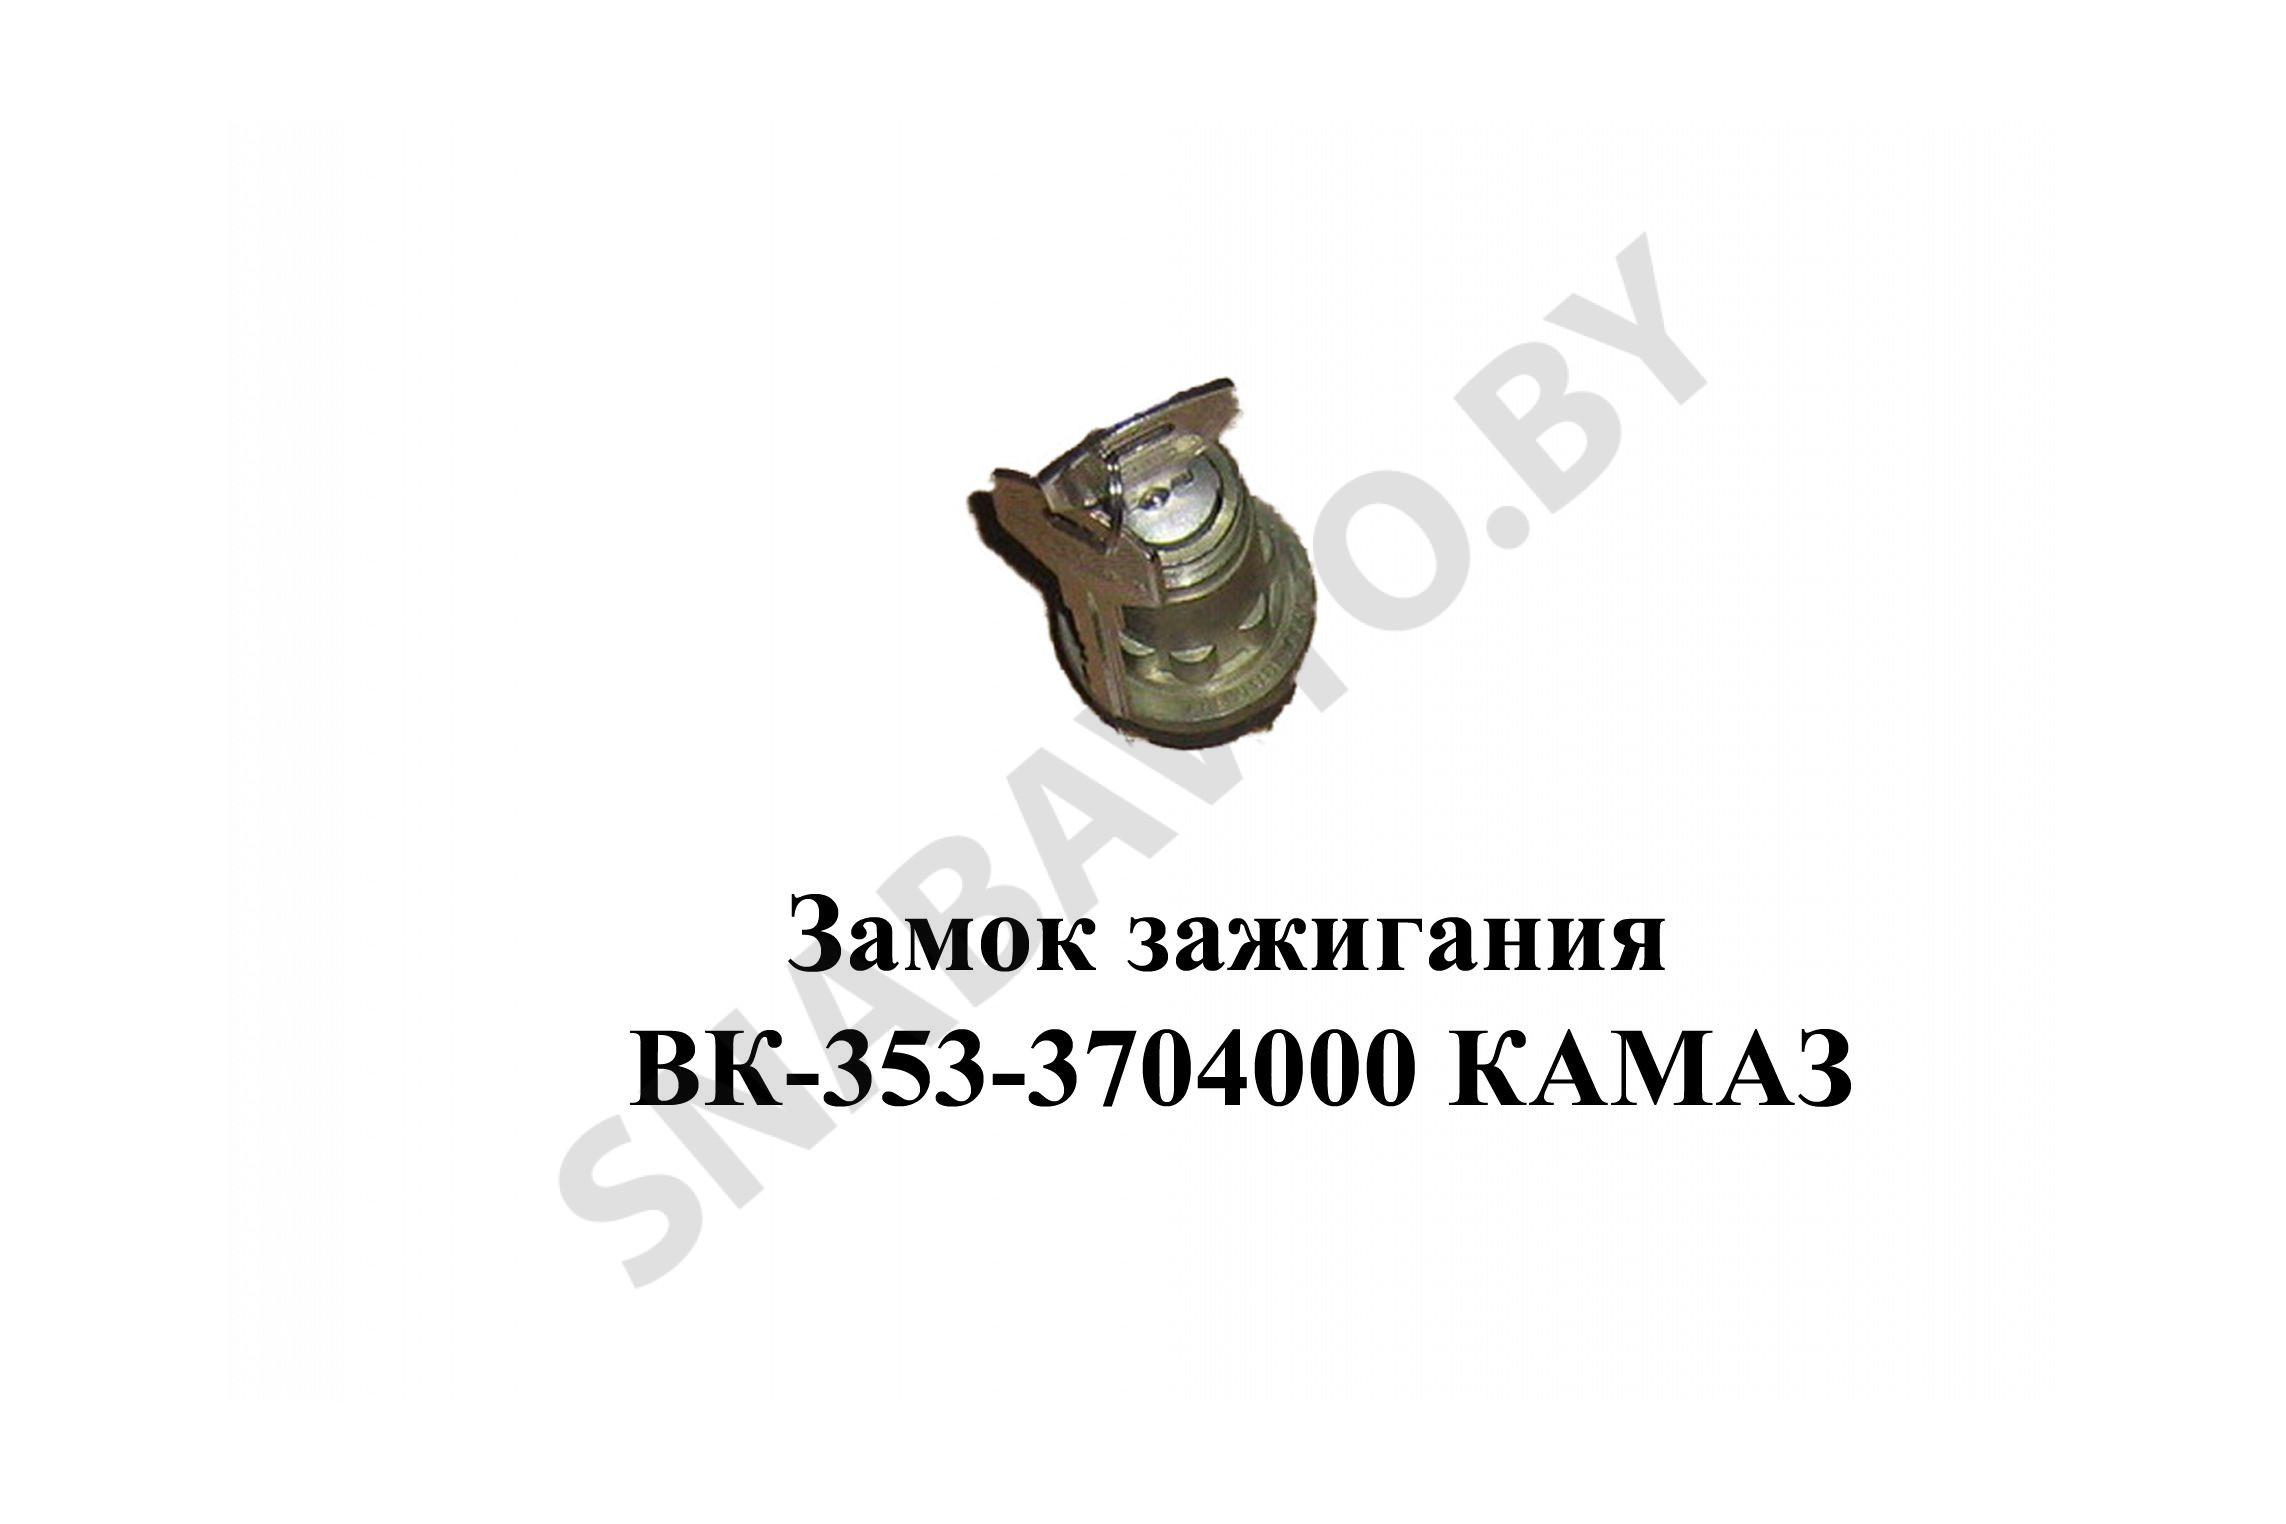 Контактная группа замка зажигания (Замок) КАМАЗ, РФ